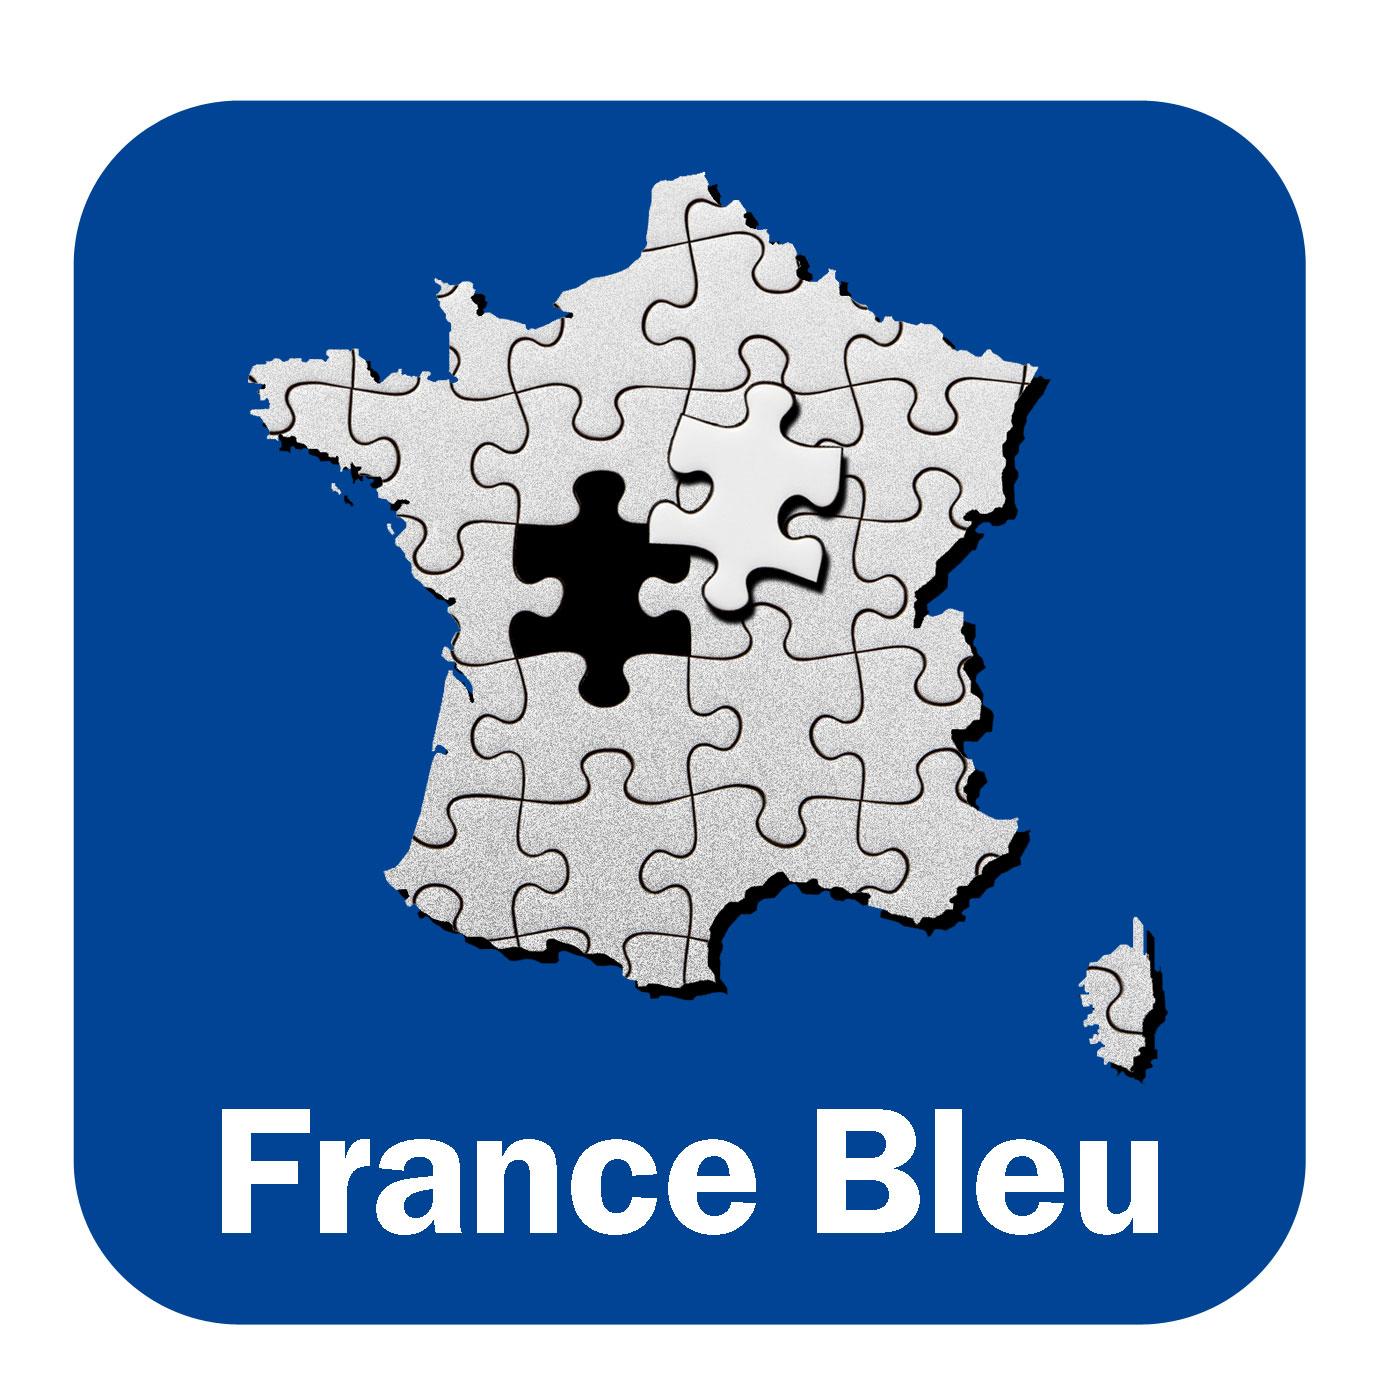 Made in Mayenne France Bleu Mayenne